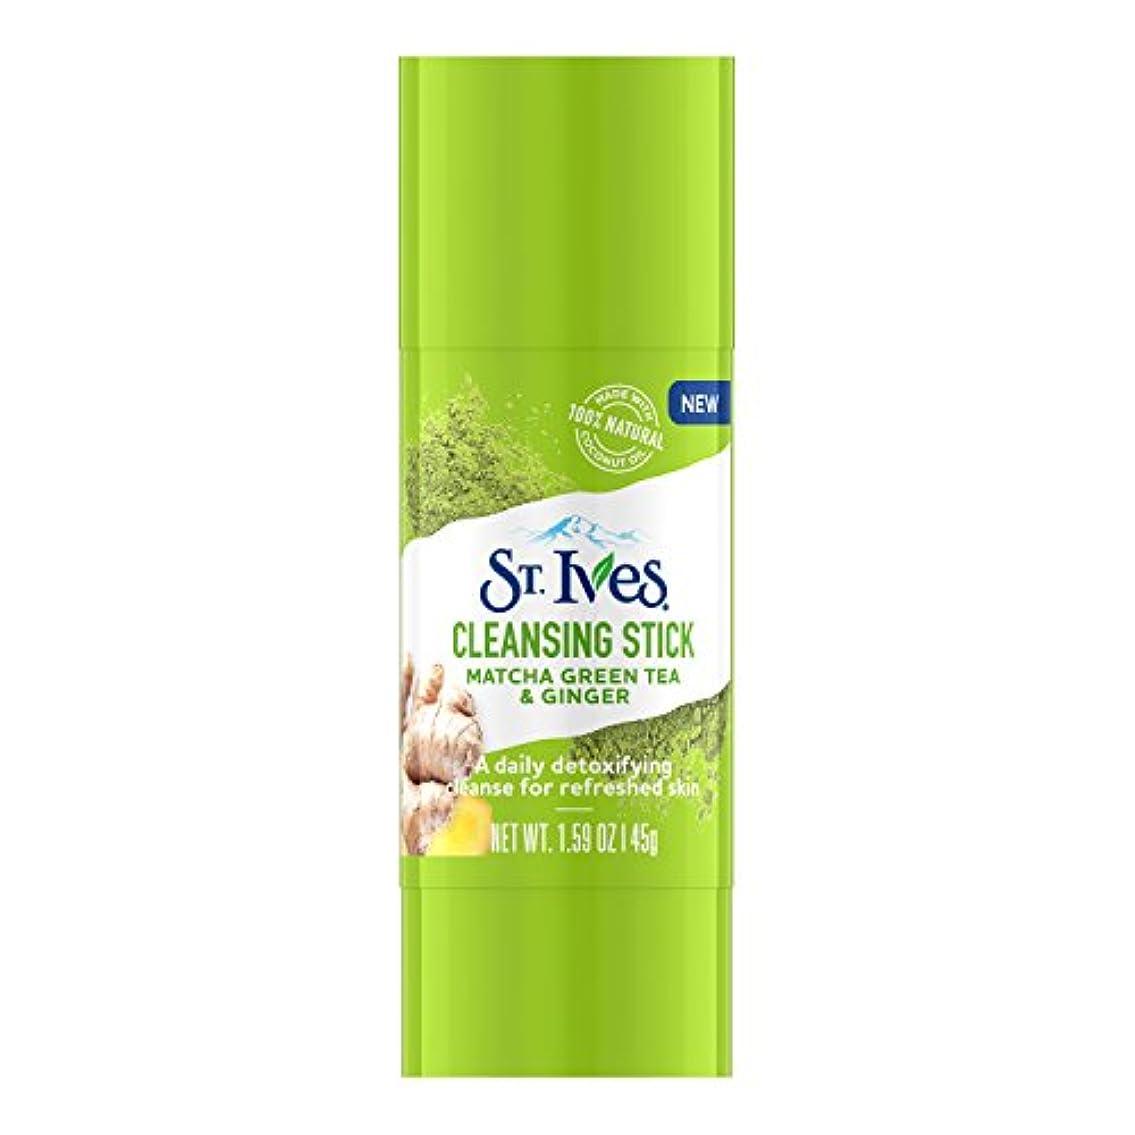 象庭園速いSt. Ives クレンジングスティック 最新コリアンビューティートレンド 100%ナチュラルココナッツオイルを使った楽しい新しい形の洗顔 45グラム (抹茶&ジンジャー)